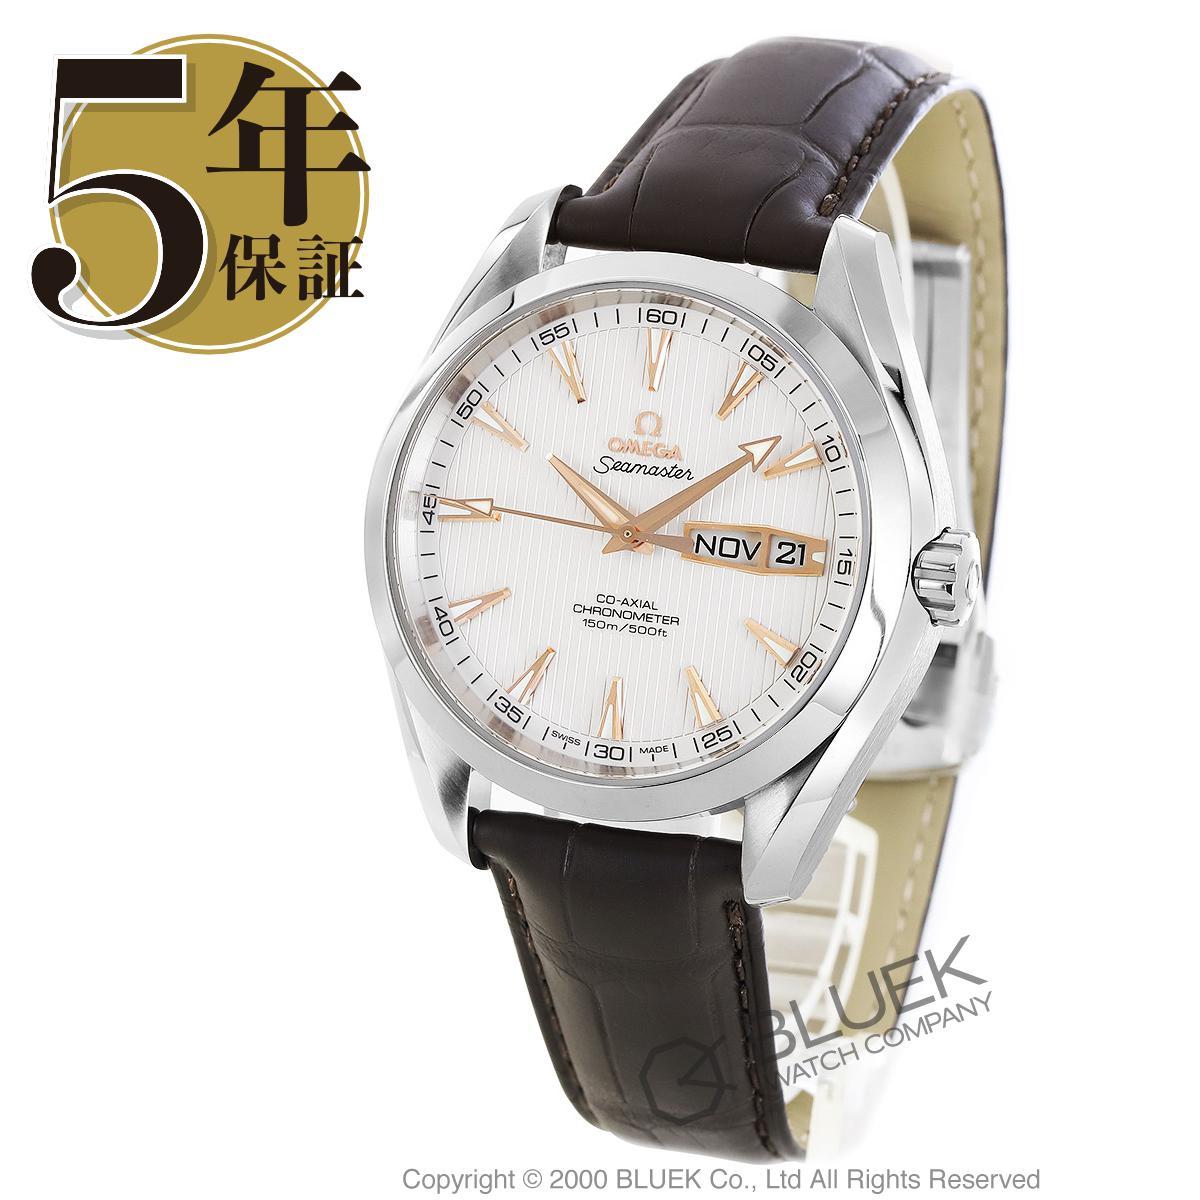 オメガ シーマスター アクアテラ アニュアルカレンダー アリゲーターレザー 腕時計 メンズ OMEGA 231.13.43.22.02.002_5